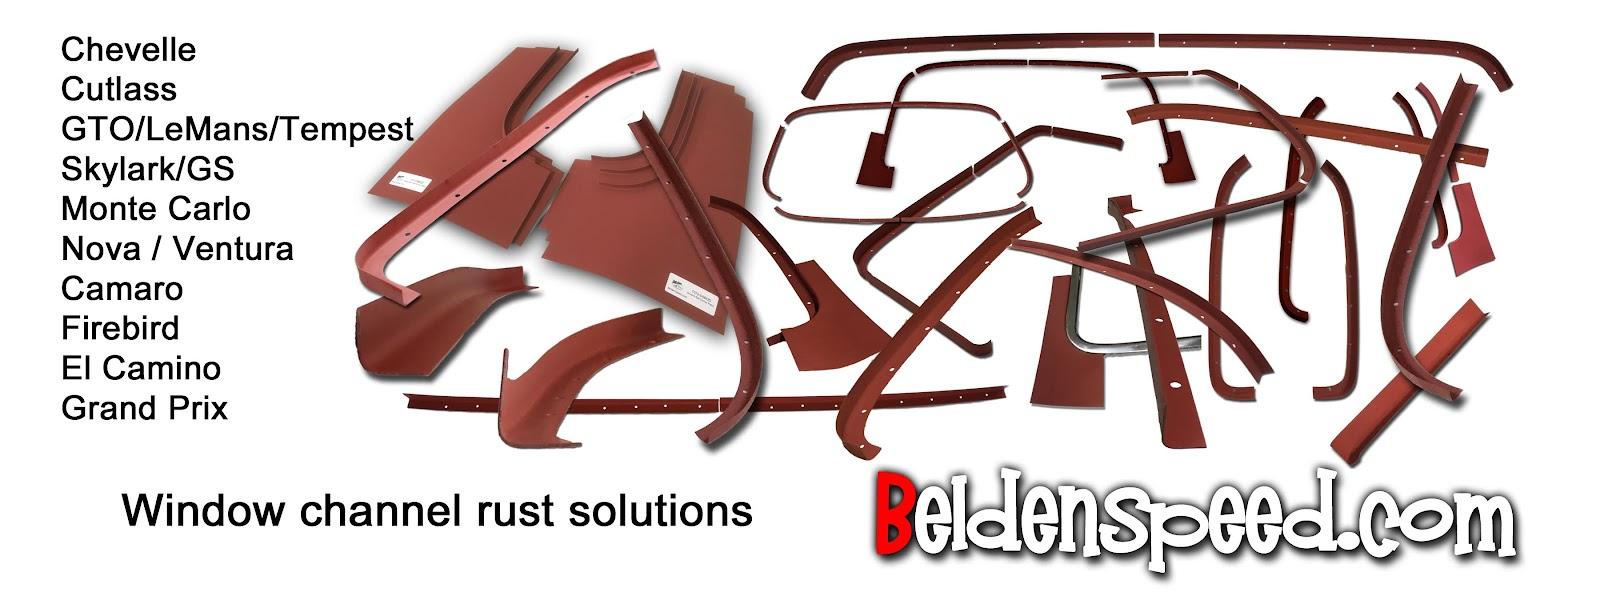 rear window rust repair,window channel patch panels,Chevelle,Monte Carlo,GTO,LeMans,Tempest,Cutlass,Camaro,Firebird,Beldenspeed,Belden Speed & Engineering,F Body,A Body,Skylark,Nova,El Camino,Grand Prix,windshield channel,Second Gen,Gen 2,window channel rust